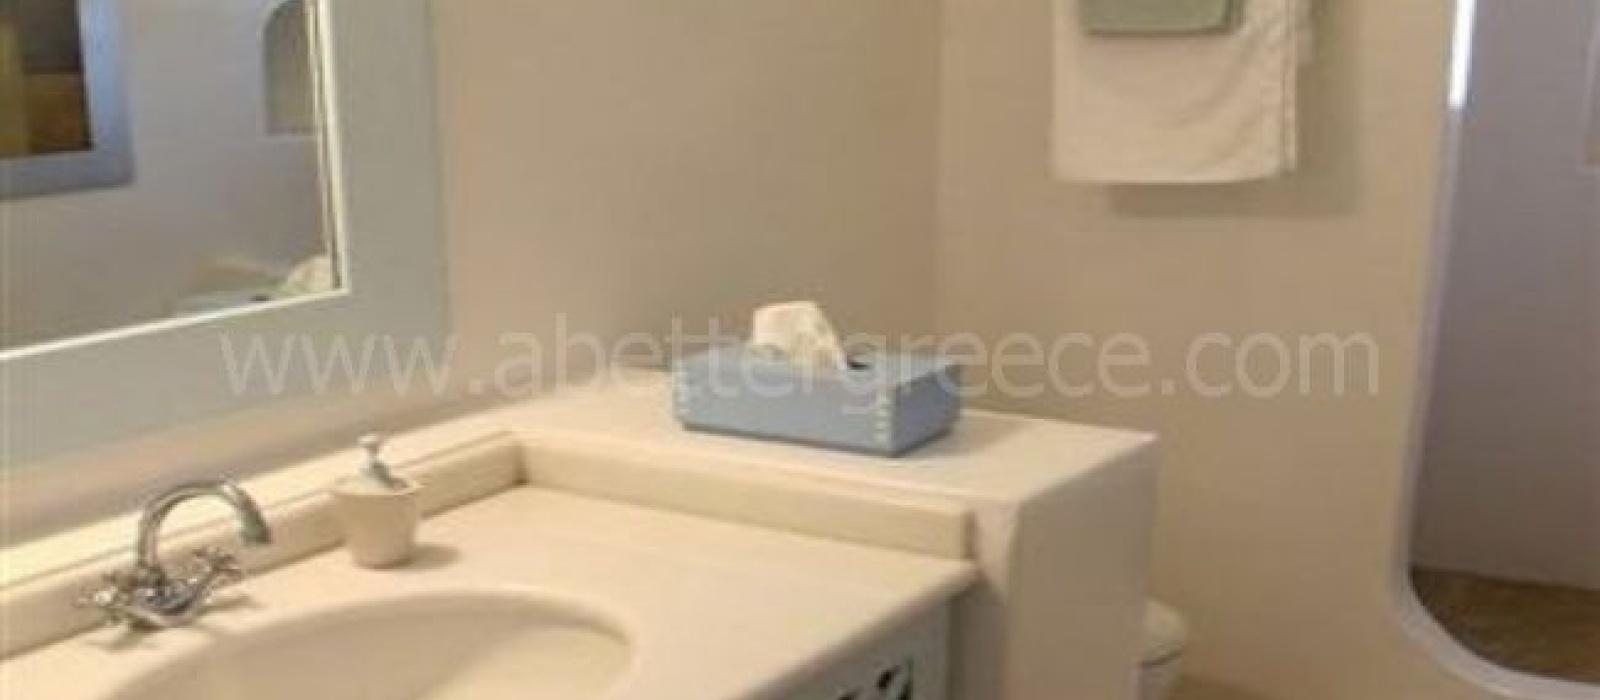 5 Bedrooms, Villa, Vacation Rental, 4 Bathrooms, Listing ID 1079, Antiparos, Greece,